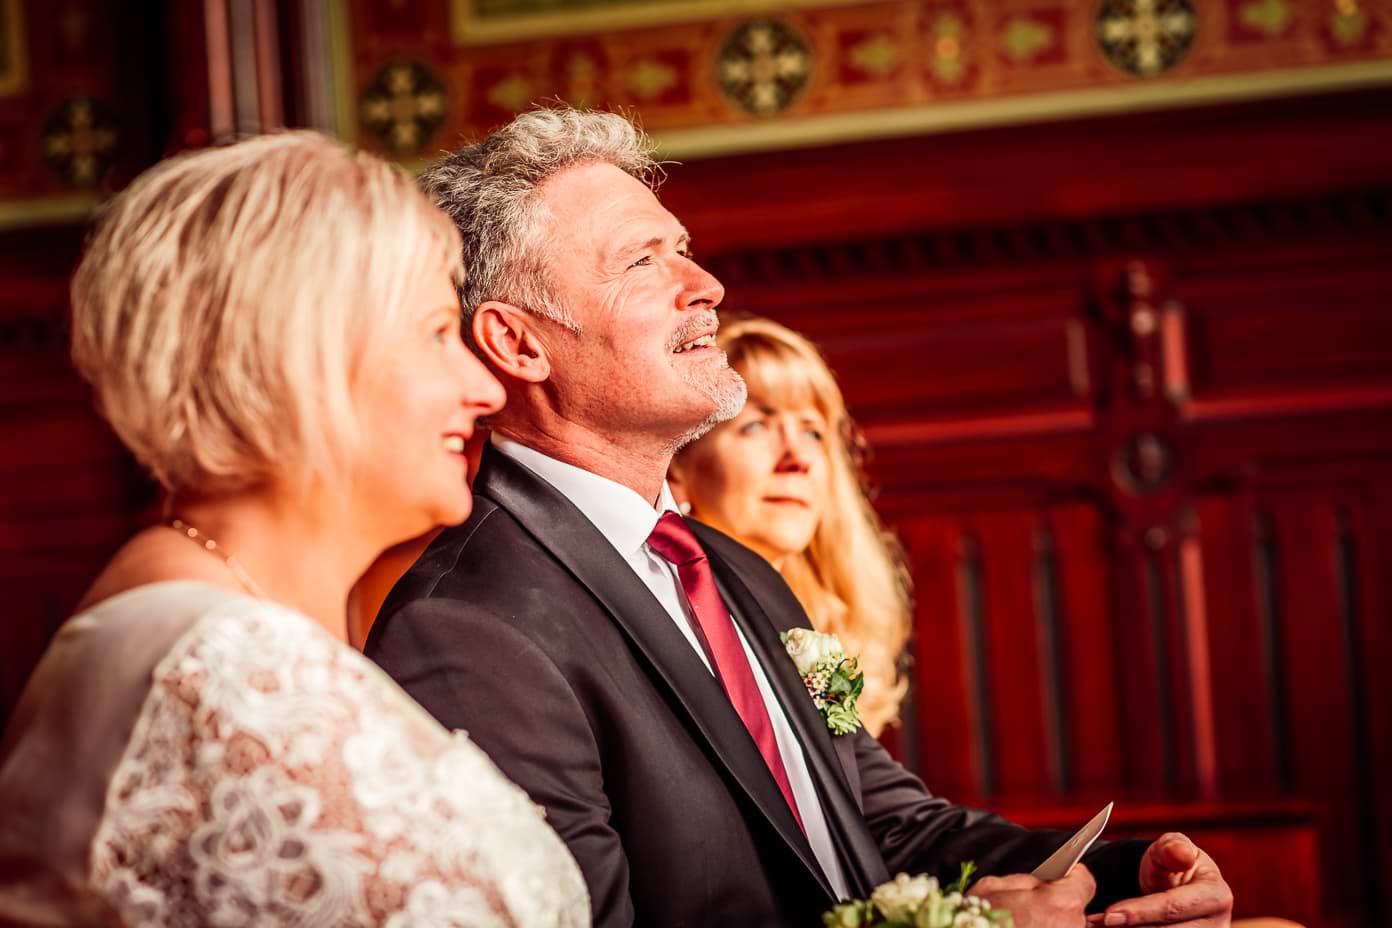 Das Brautpaar hört der Standesbeamtin zu